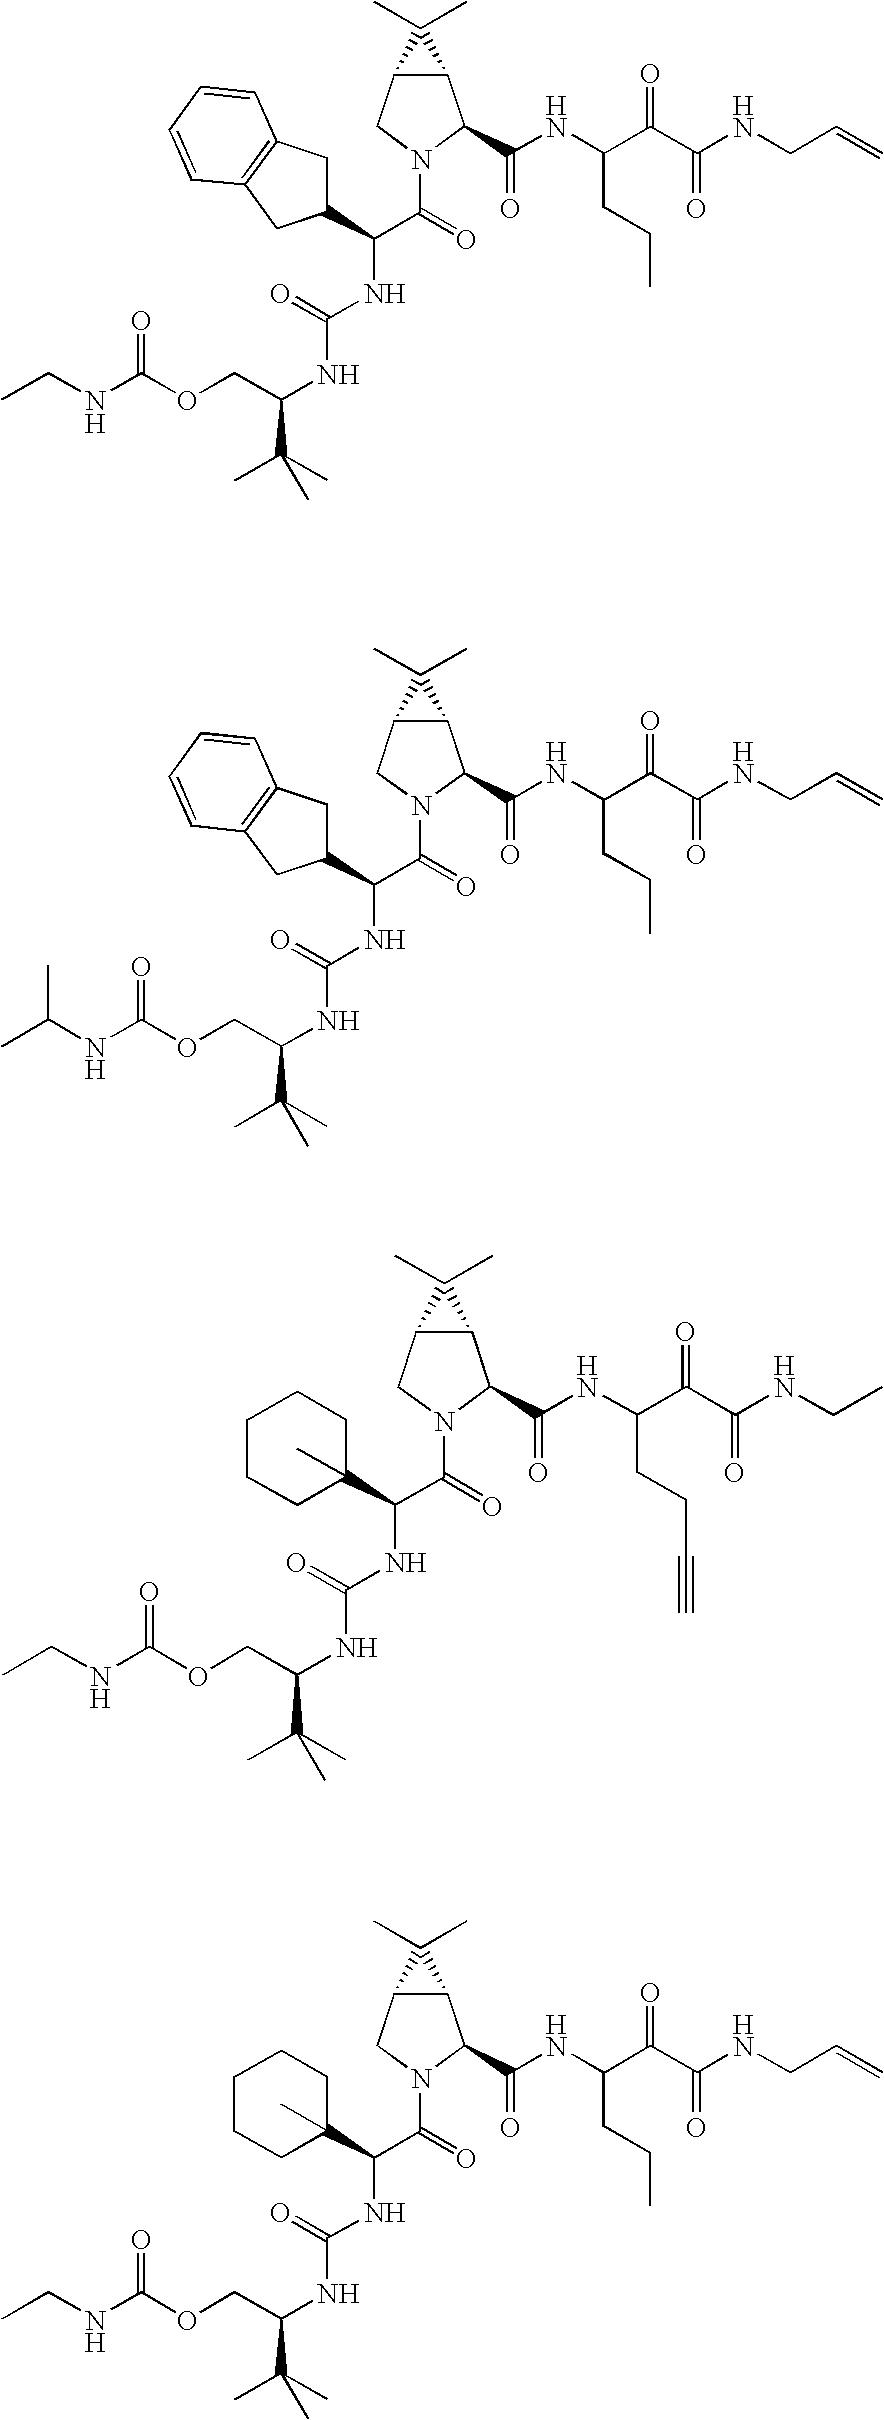 Figure US20060287248A1-20061221-C00376